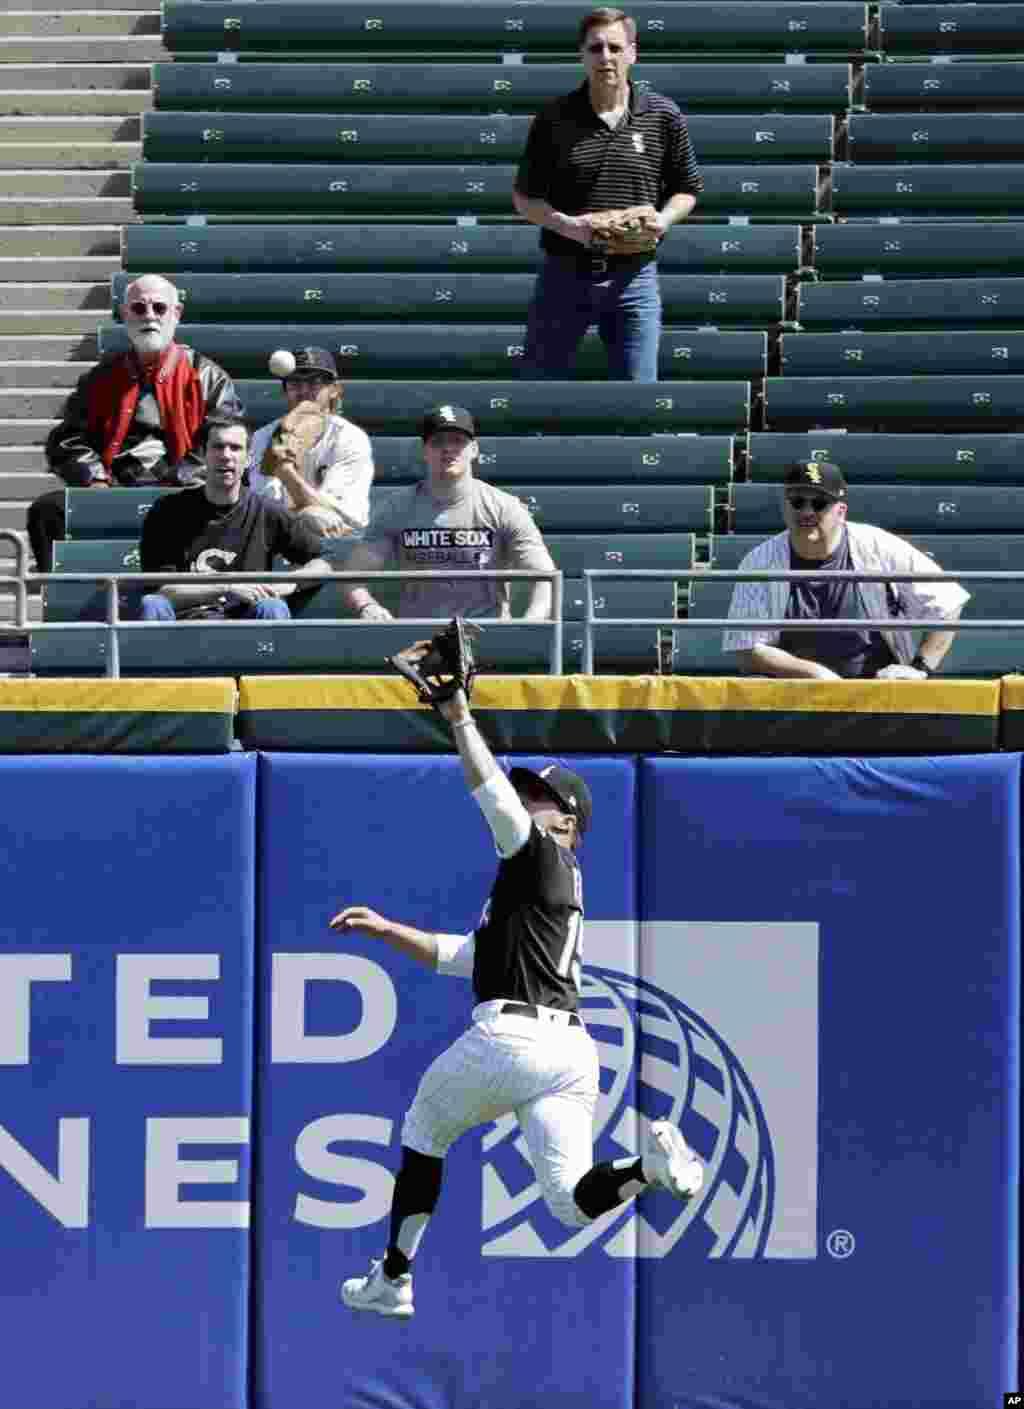 بازیکن تیم بیسبال ساکس سفید شیکاگو تلاش دارد که توپ را از آن خود کند.